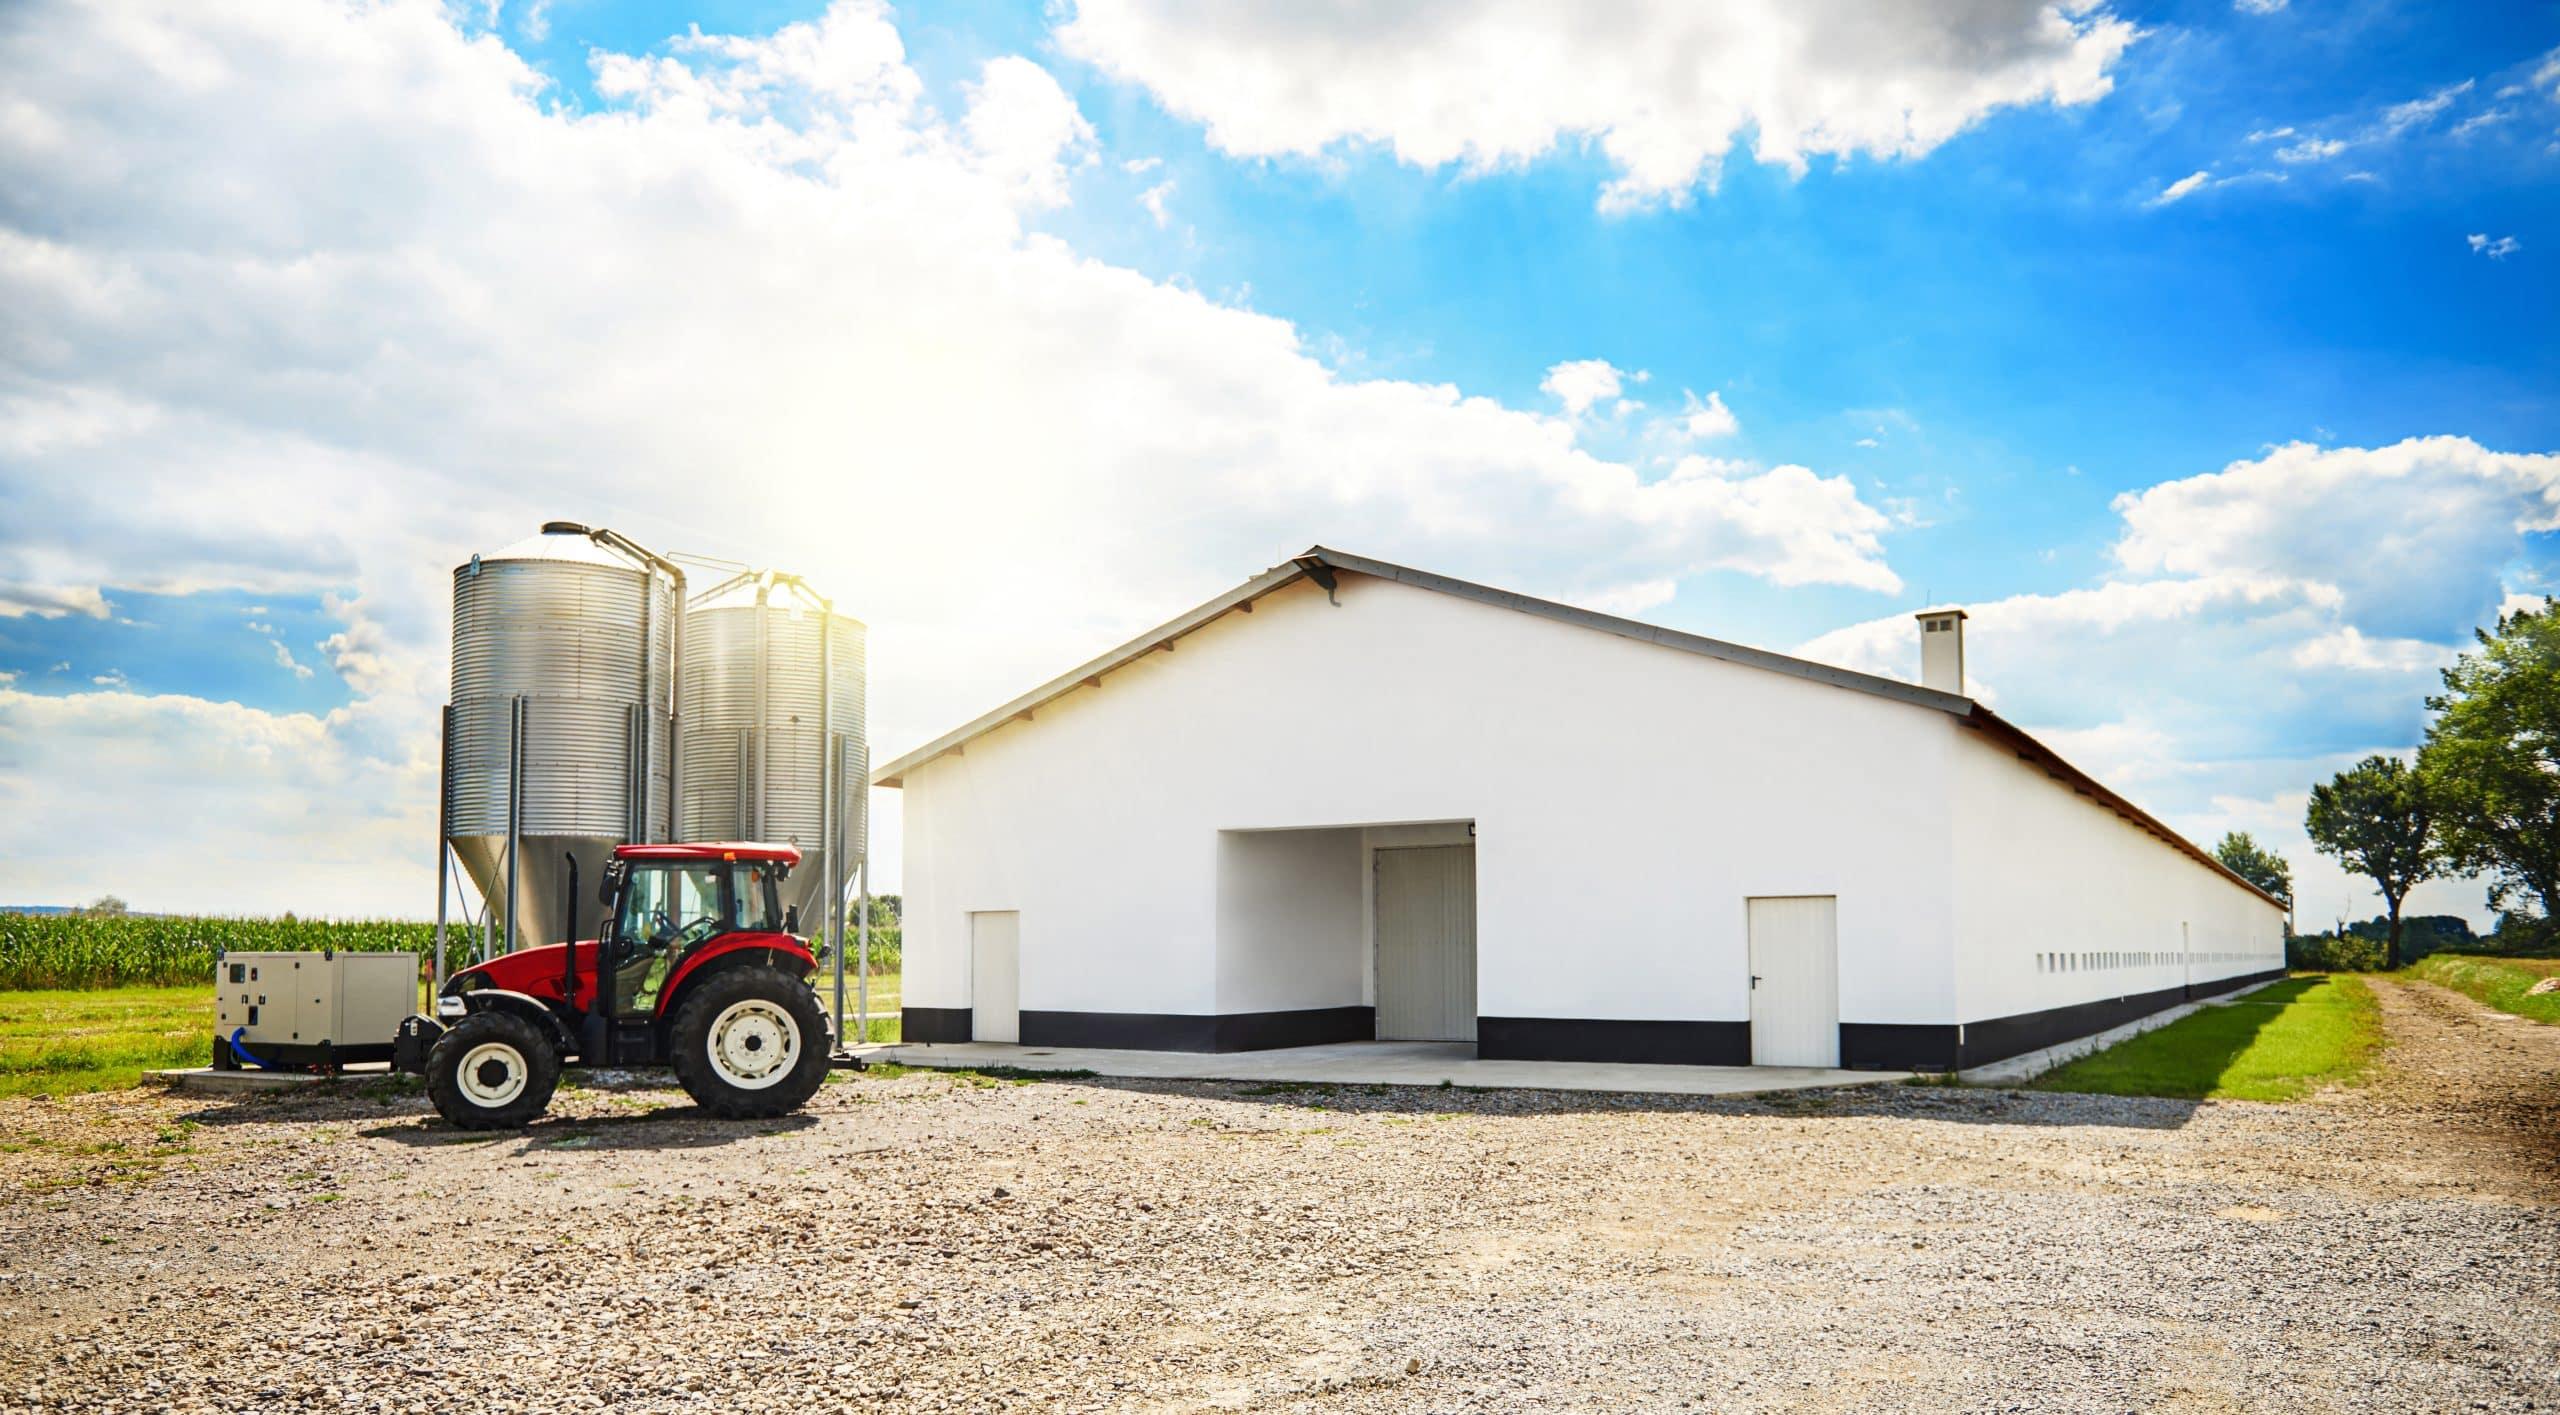 Les fermes agricoles : nouveaux points de retrait pour les commandes Cdiscount